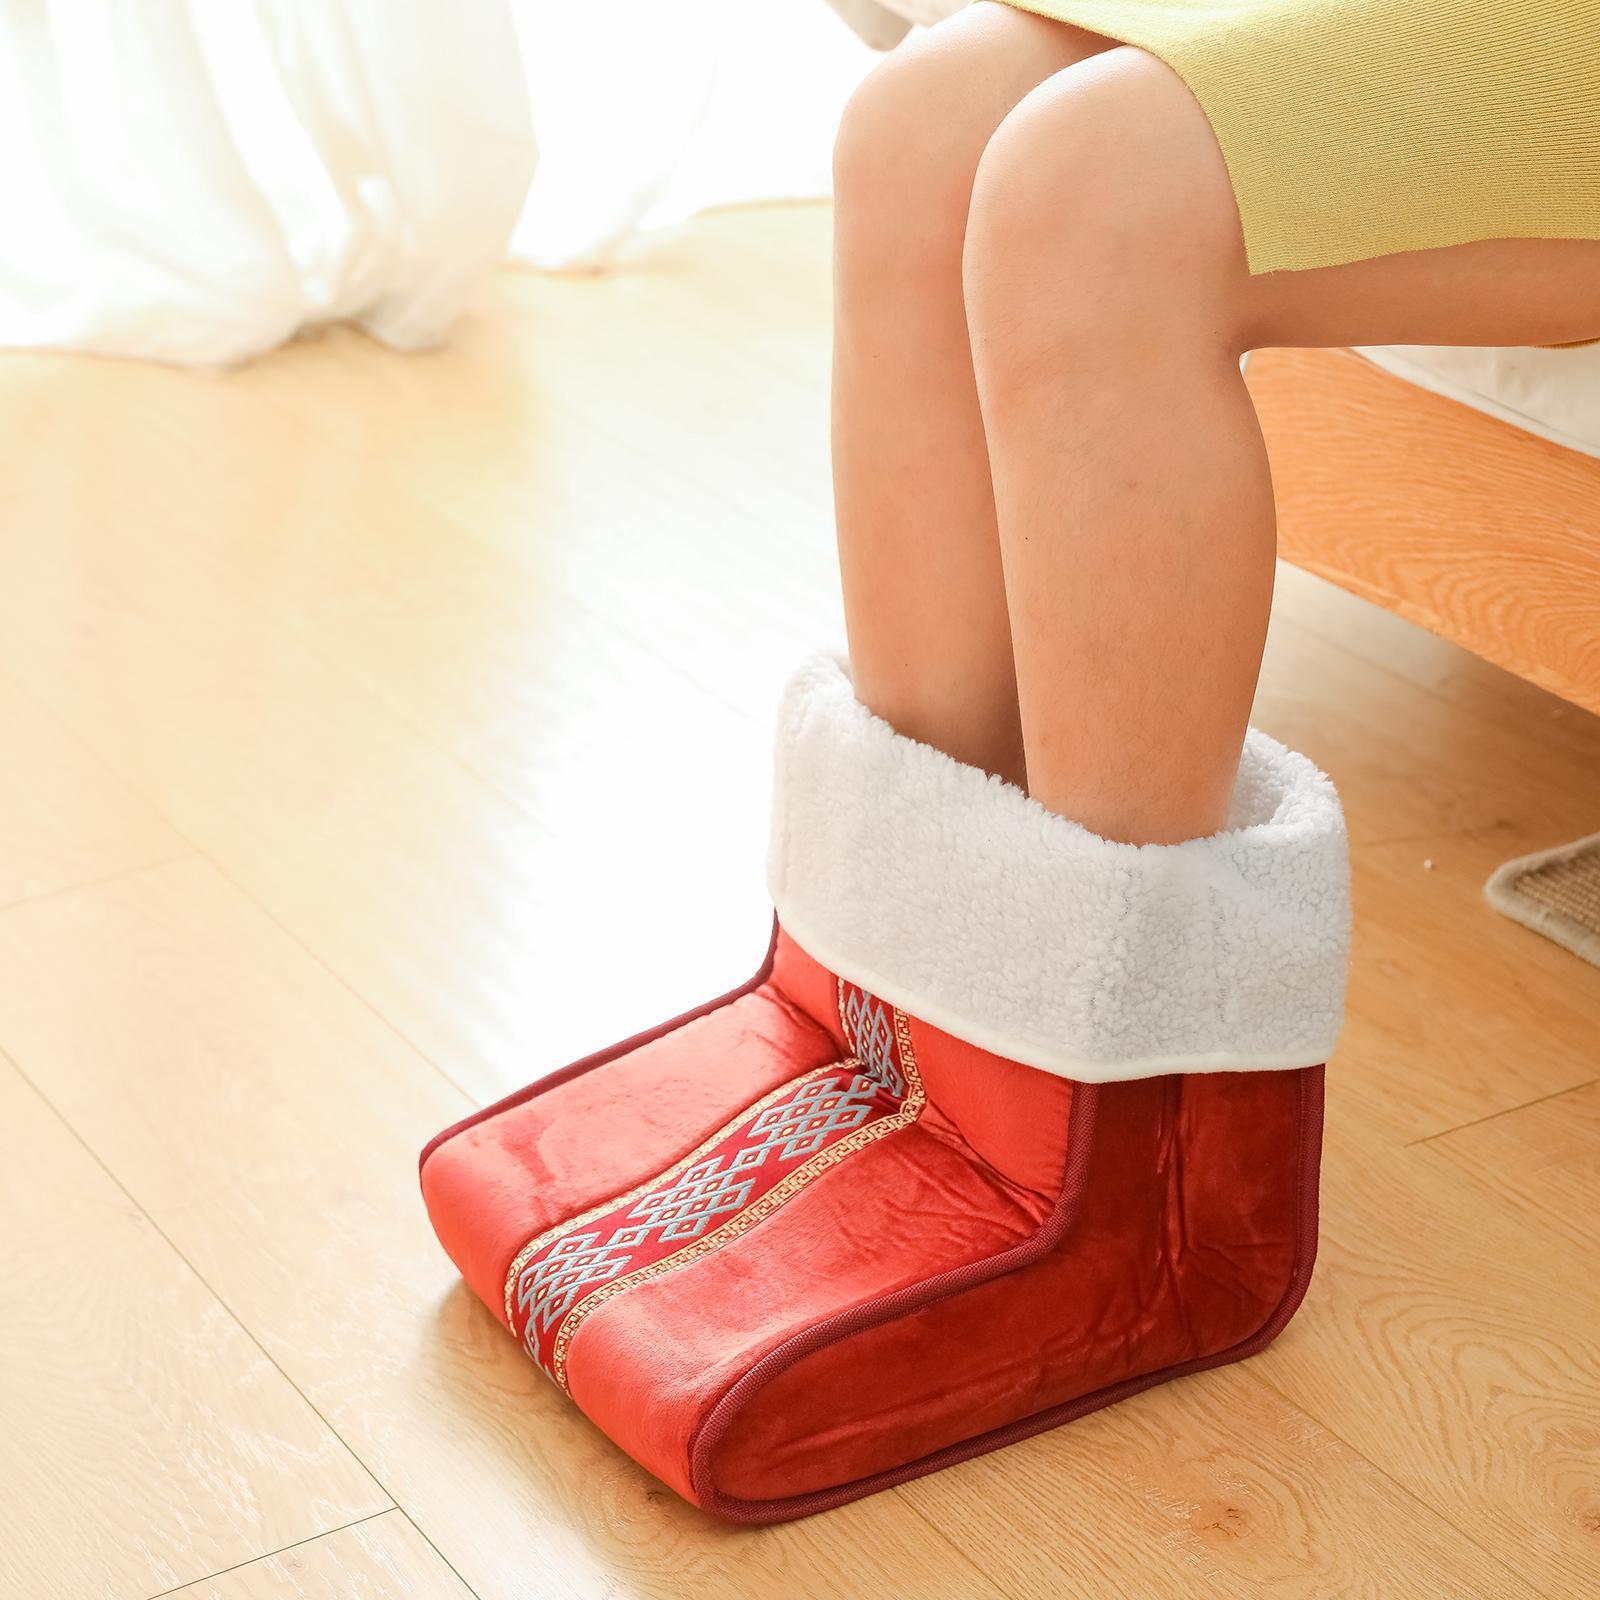 Scaldapiedi Elettrico Cuscino Termico Per Massaggio Ai Piedi Riscaldato Con Ebay